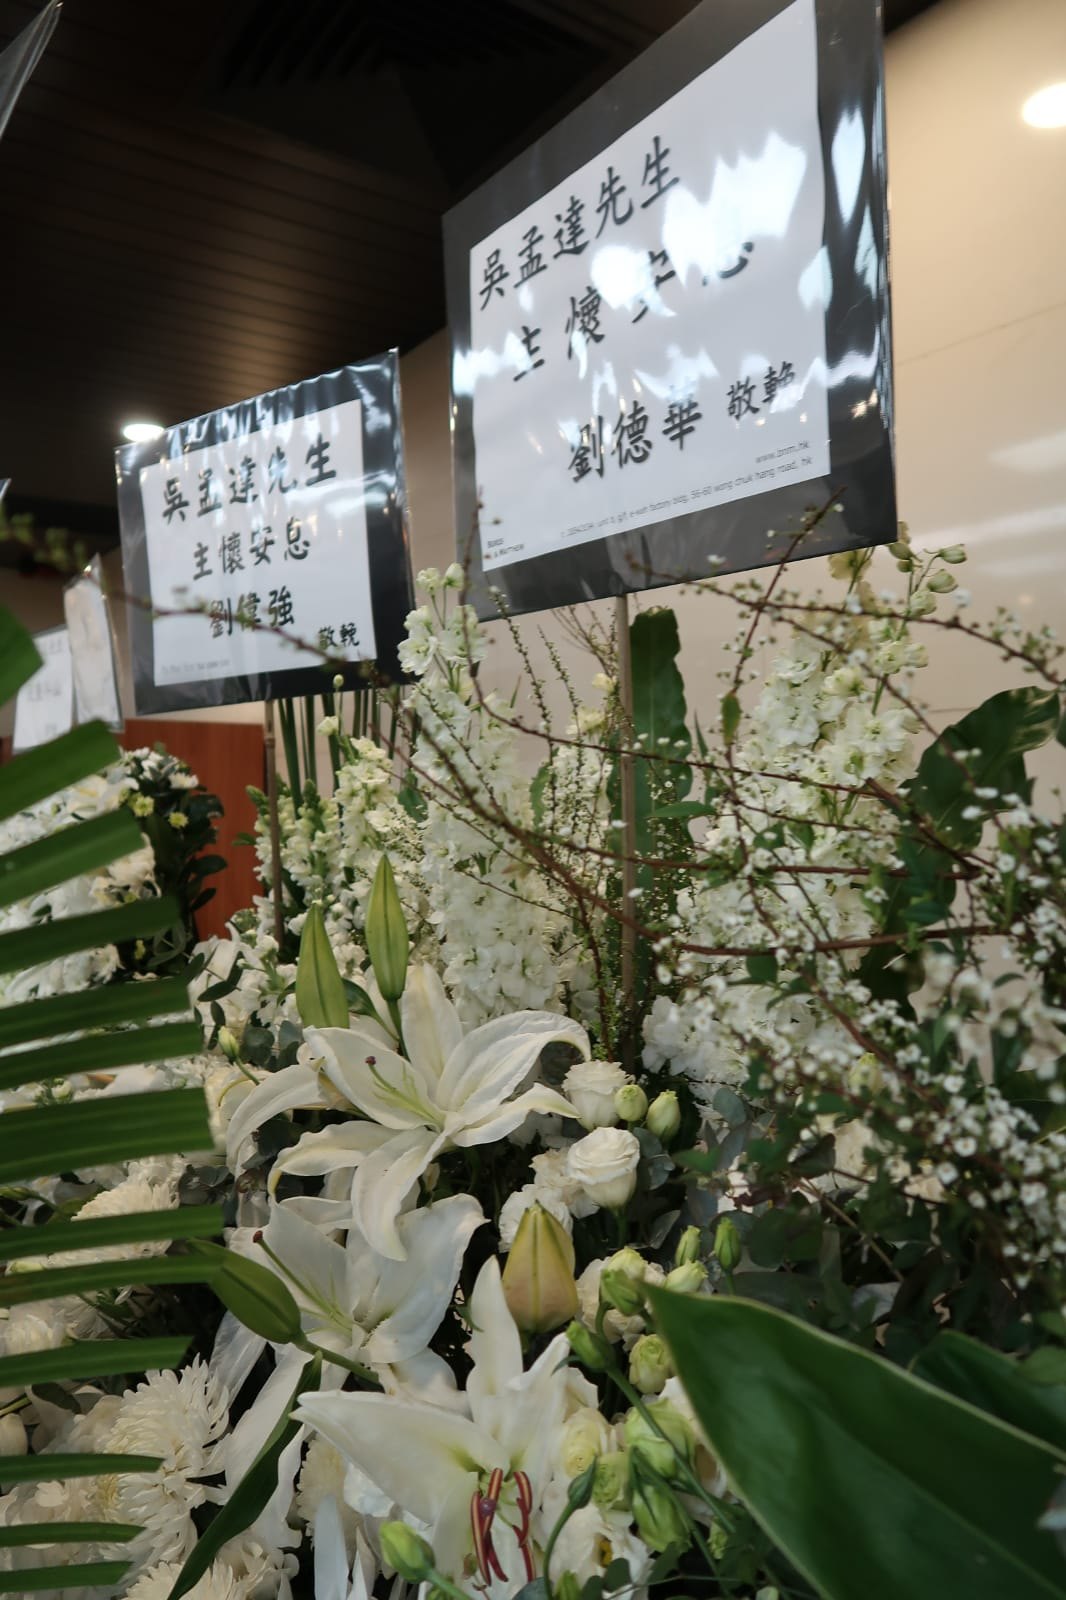 一眾圈中好友均有送上花牌致祭,包括周星馳、周潤發、劉德華、成龍、黎明、郭富城與小美、古天樂、劉青雲、楊千嬅夫婦、惠英紅等。